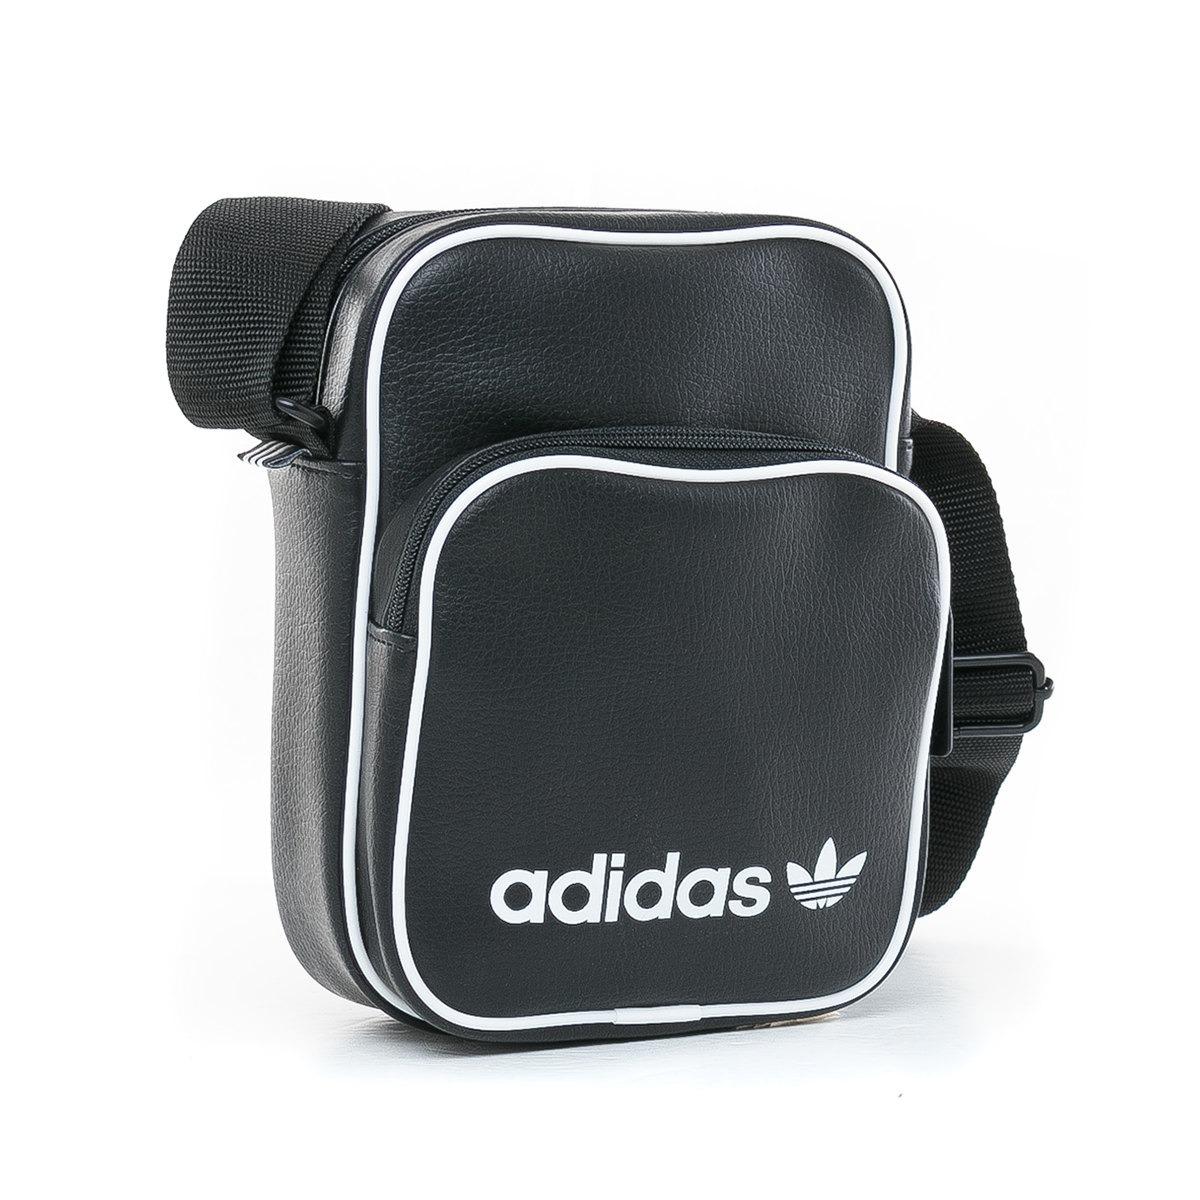 Bolso Adidas Mini Bag Tienda Originals Vint Oficial EDHeIW92Y